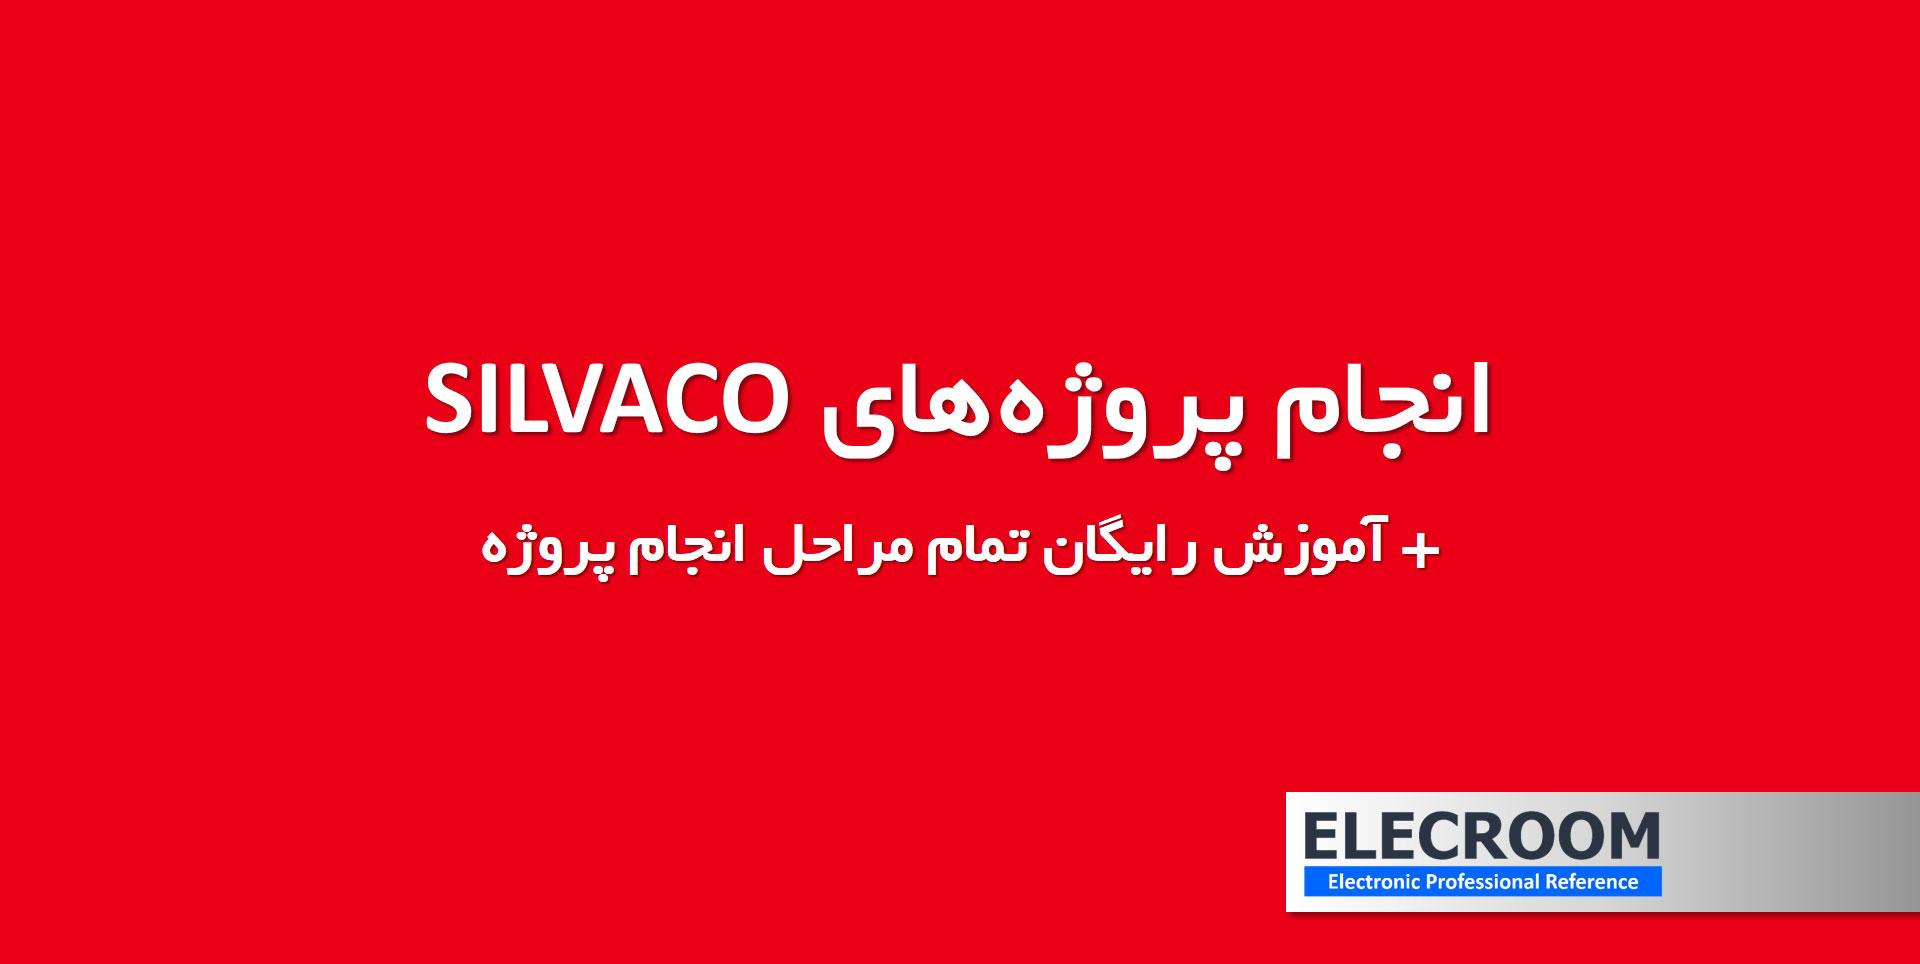 انجام پروژه های SILVACO با آموزش رایگان